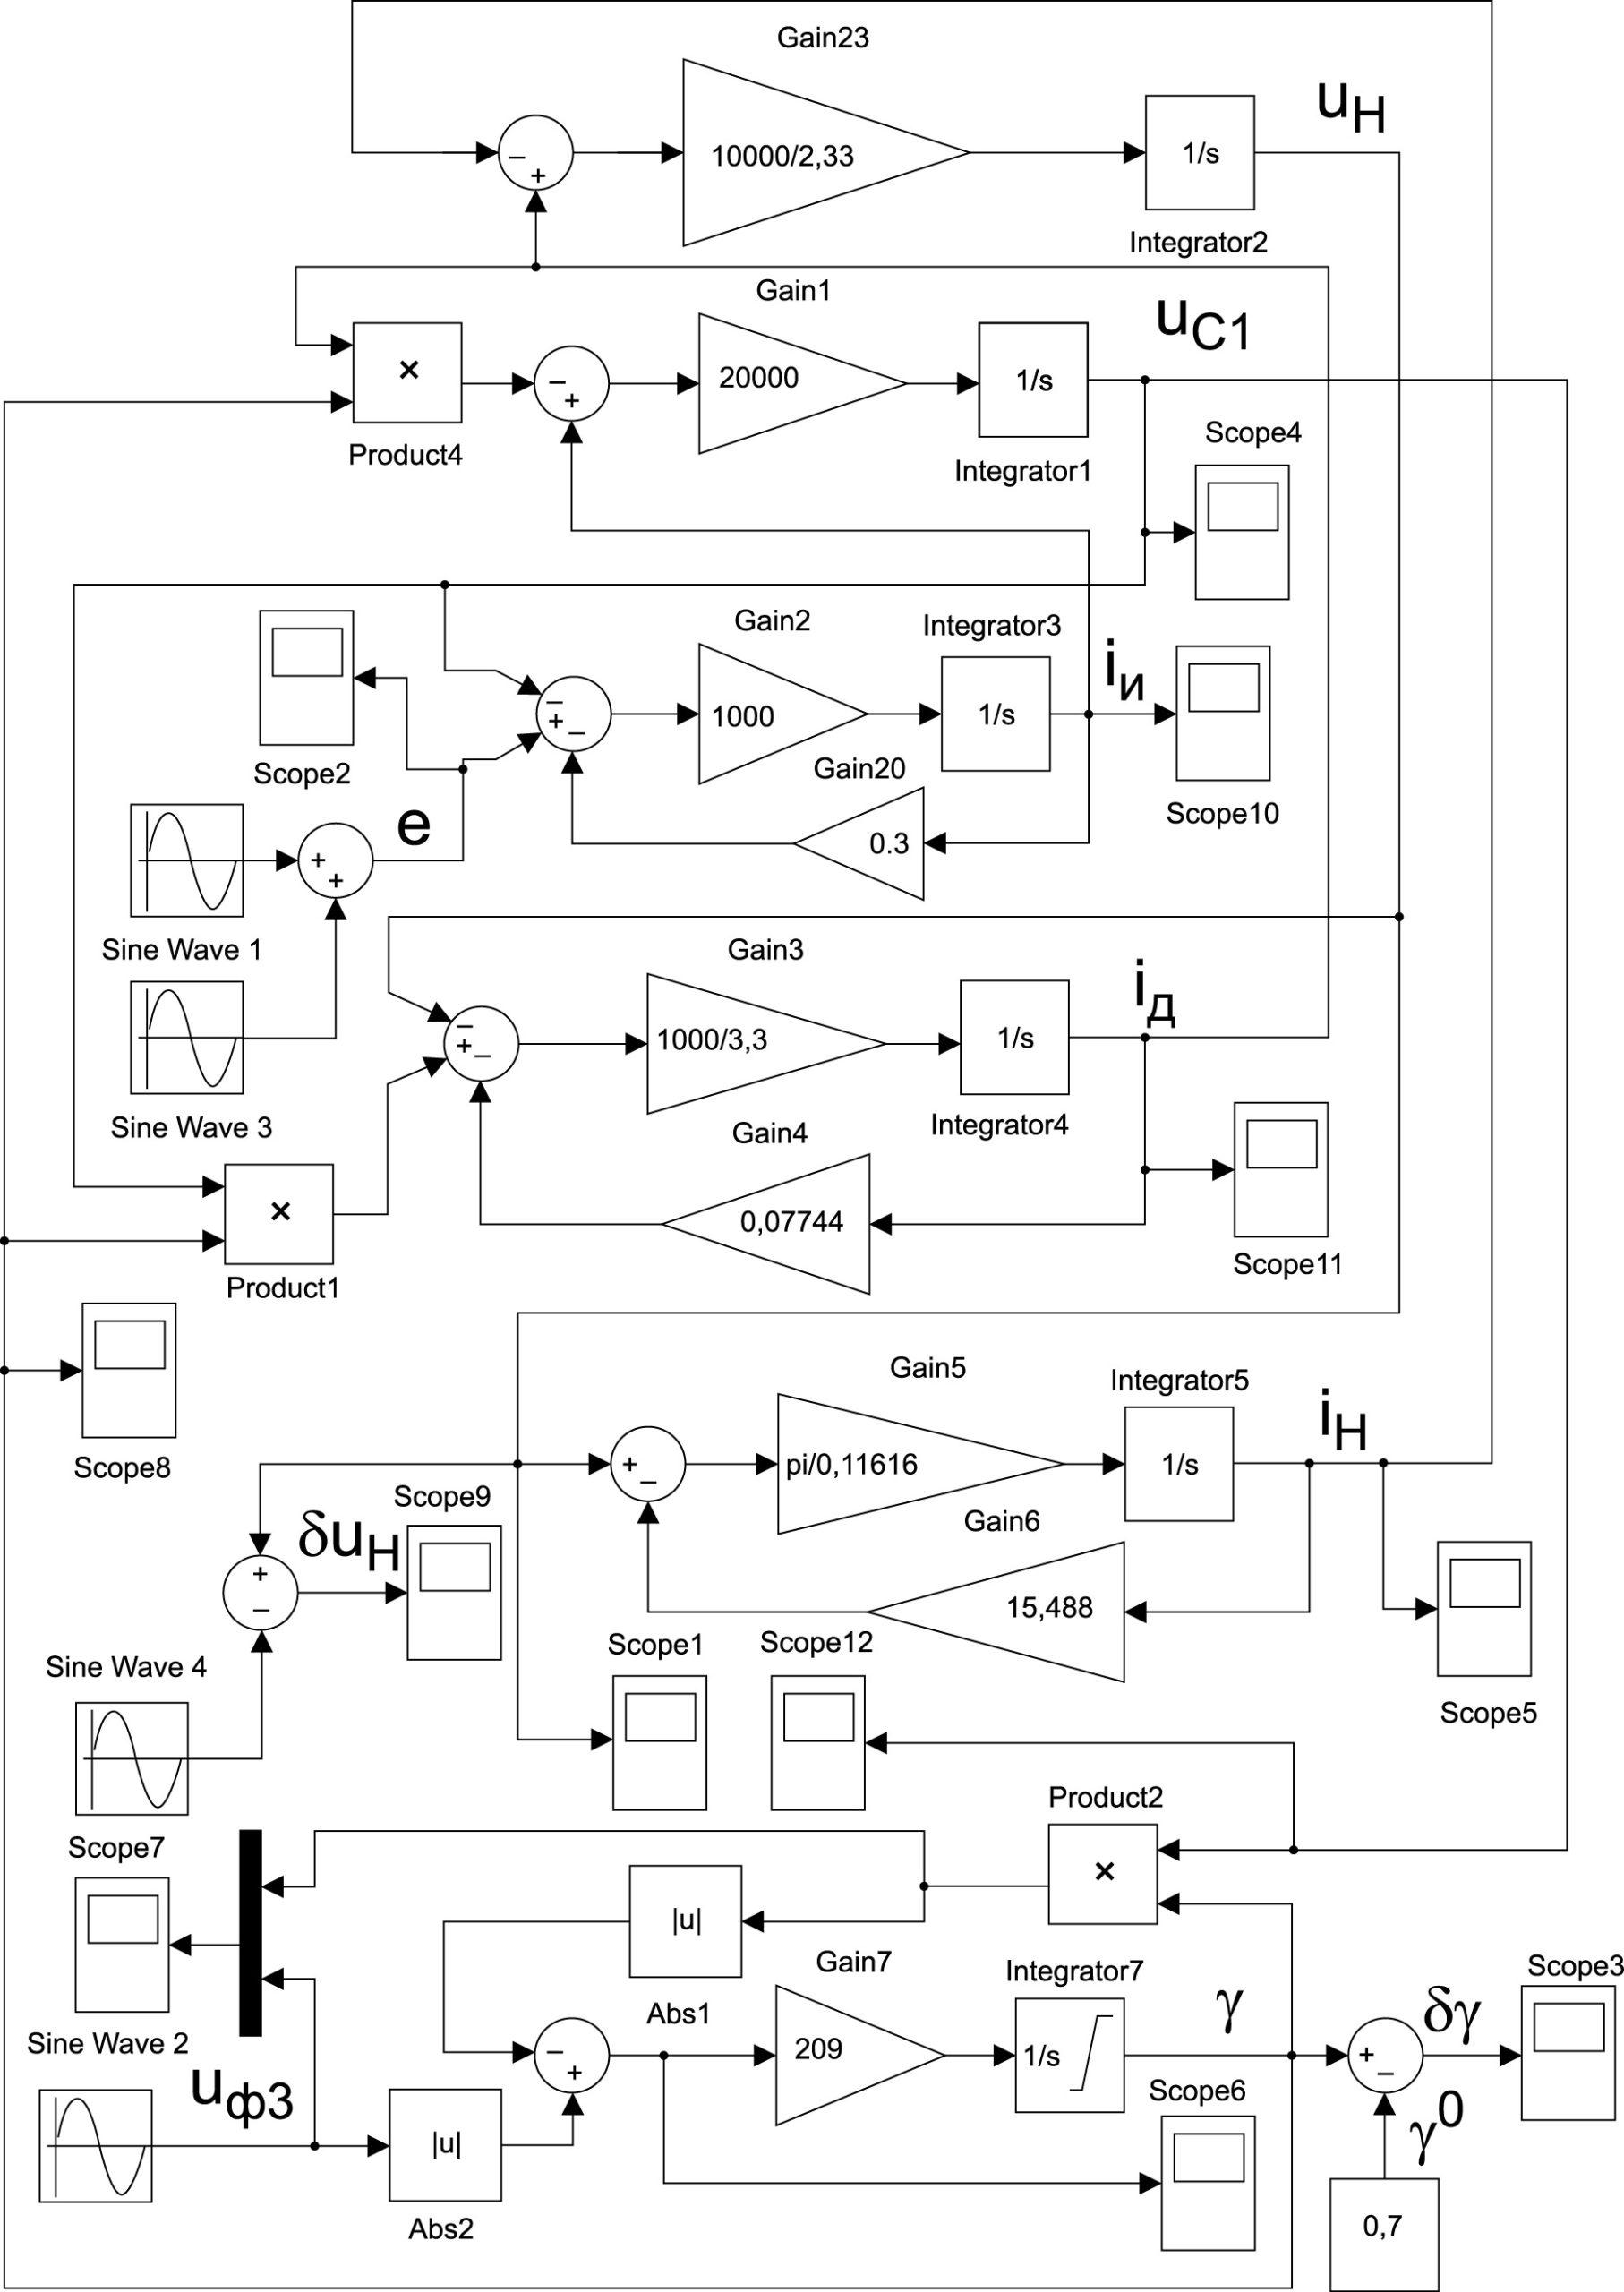 Математическая модель стабилизатора с управлением по отклонению мгновенных значений входного напряжения фильтра от заданных